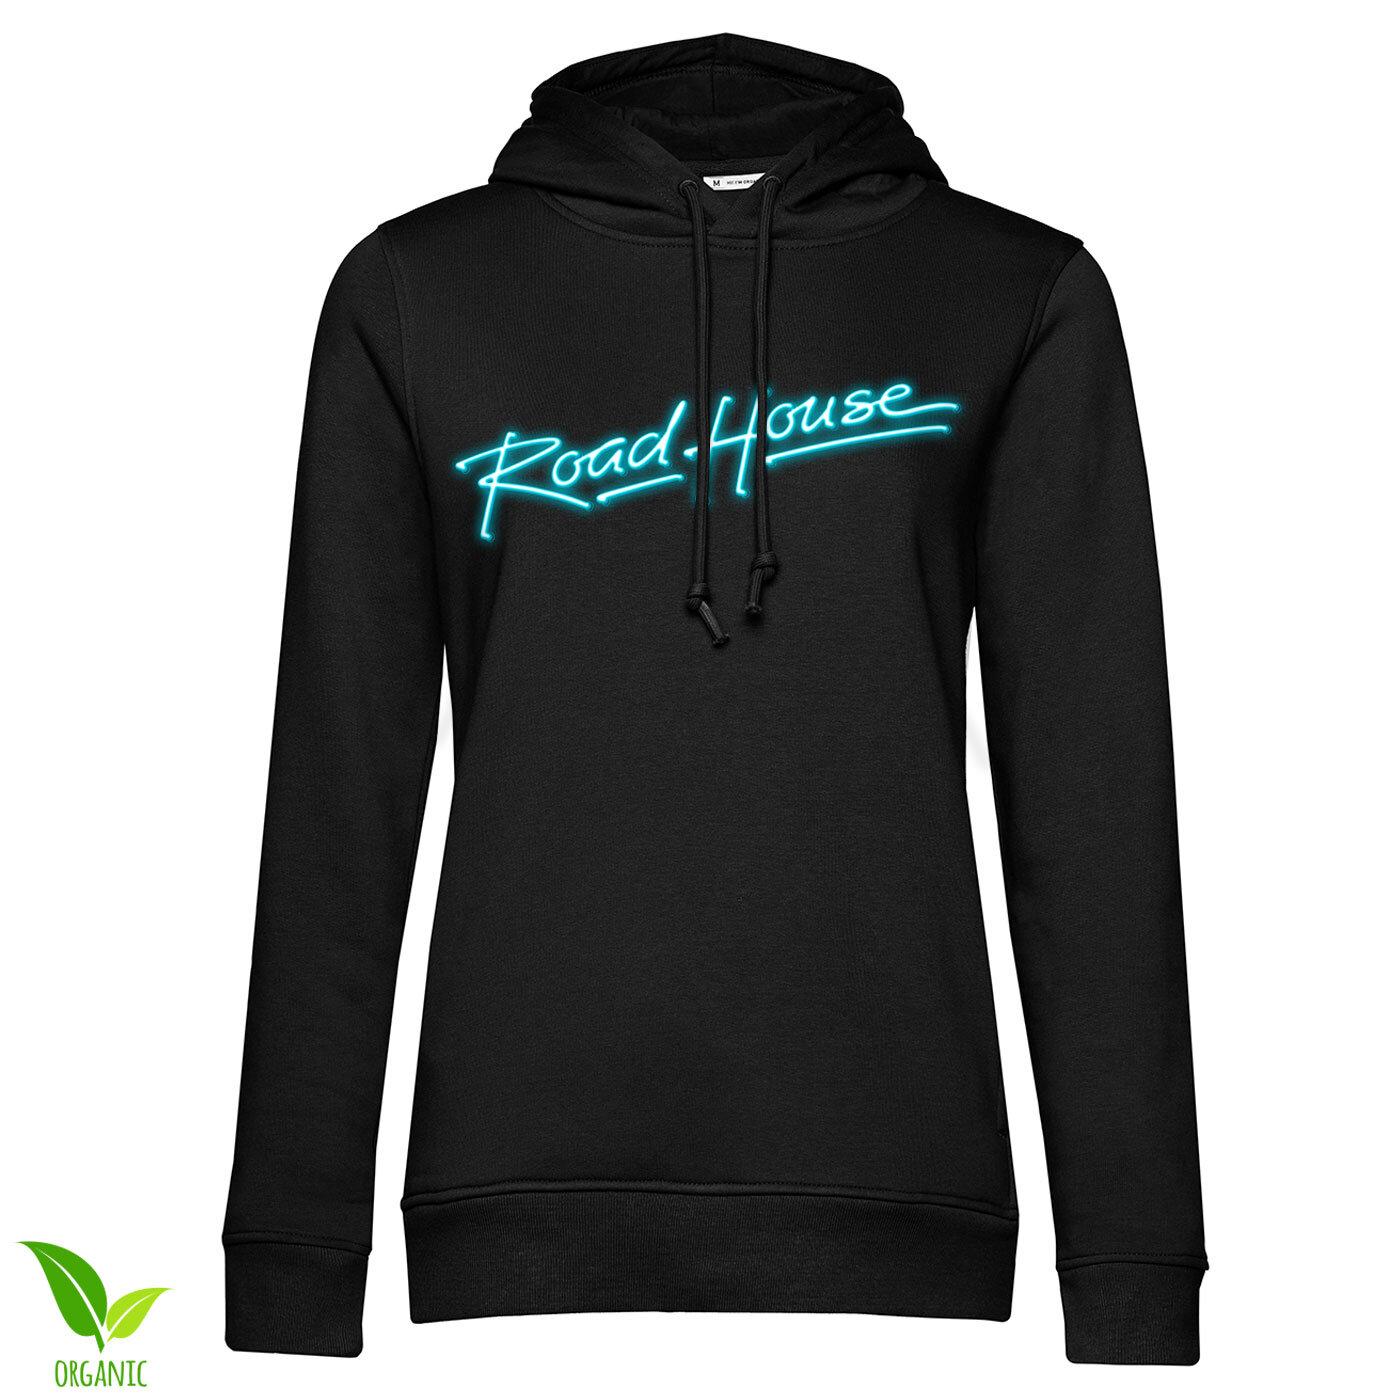 Road House Logo Girls Hoodie